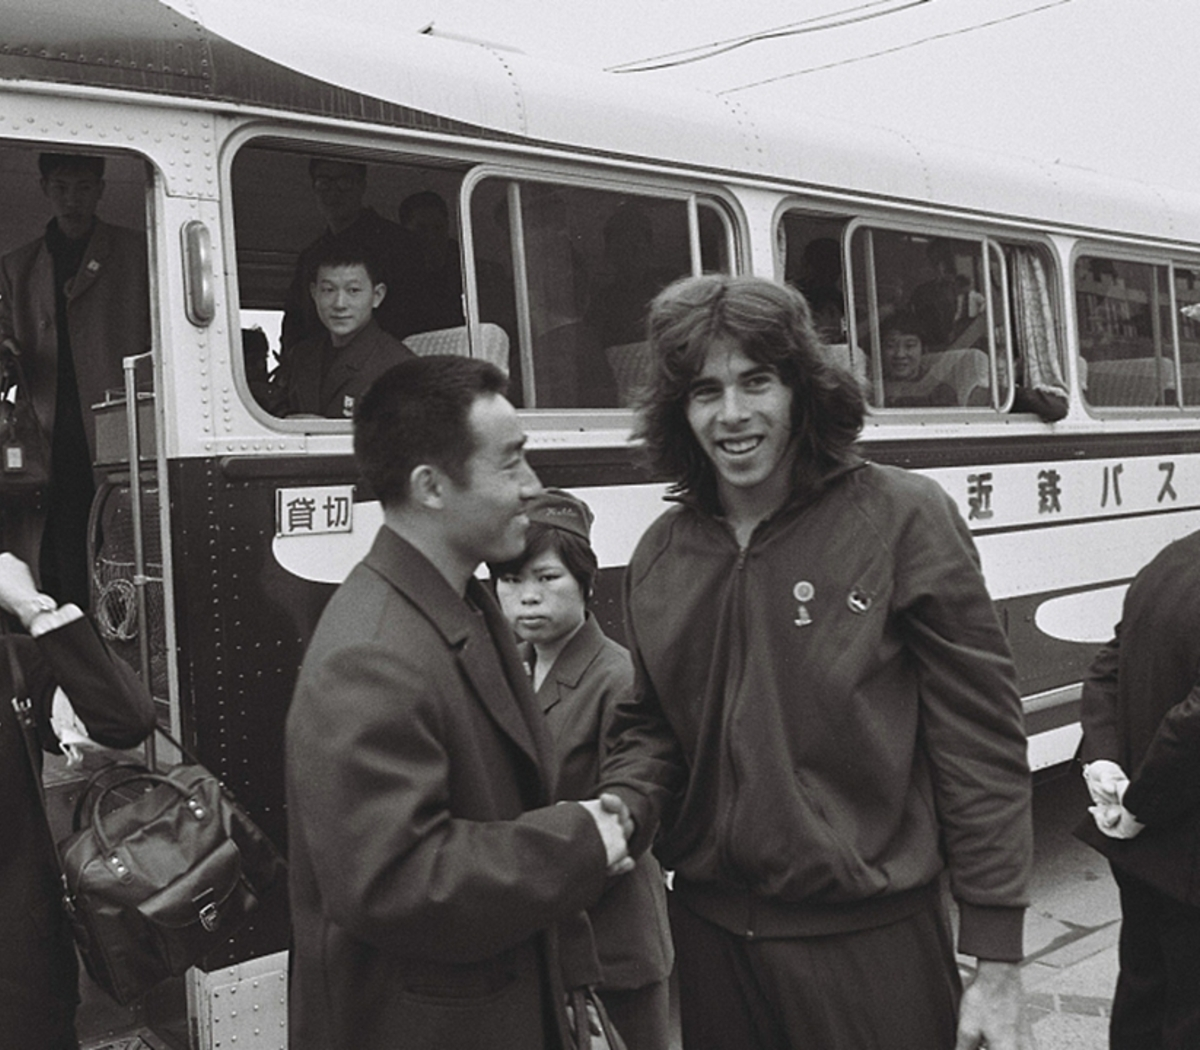 Shanghai 1971